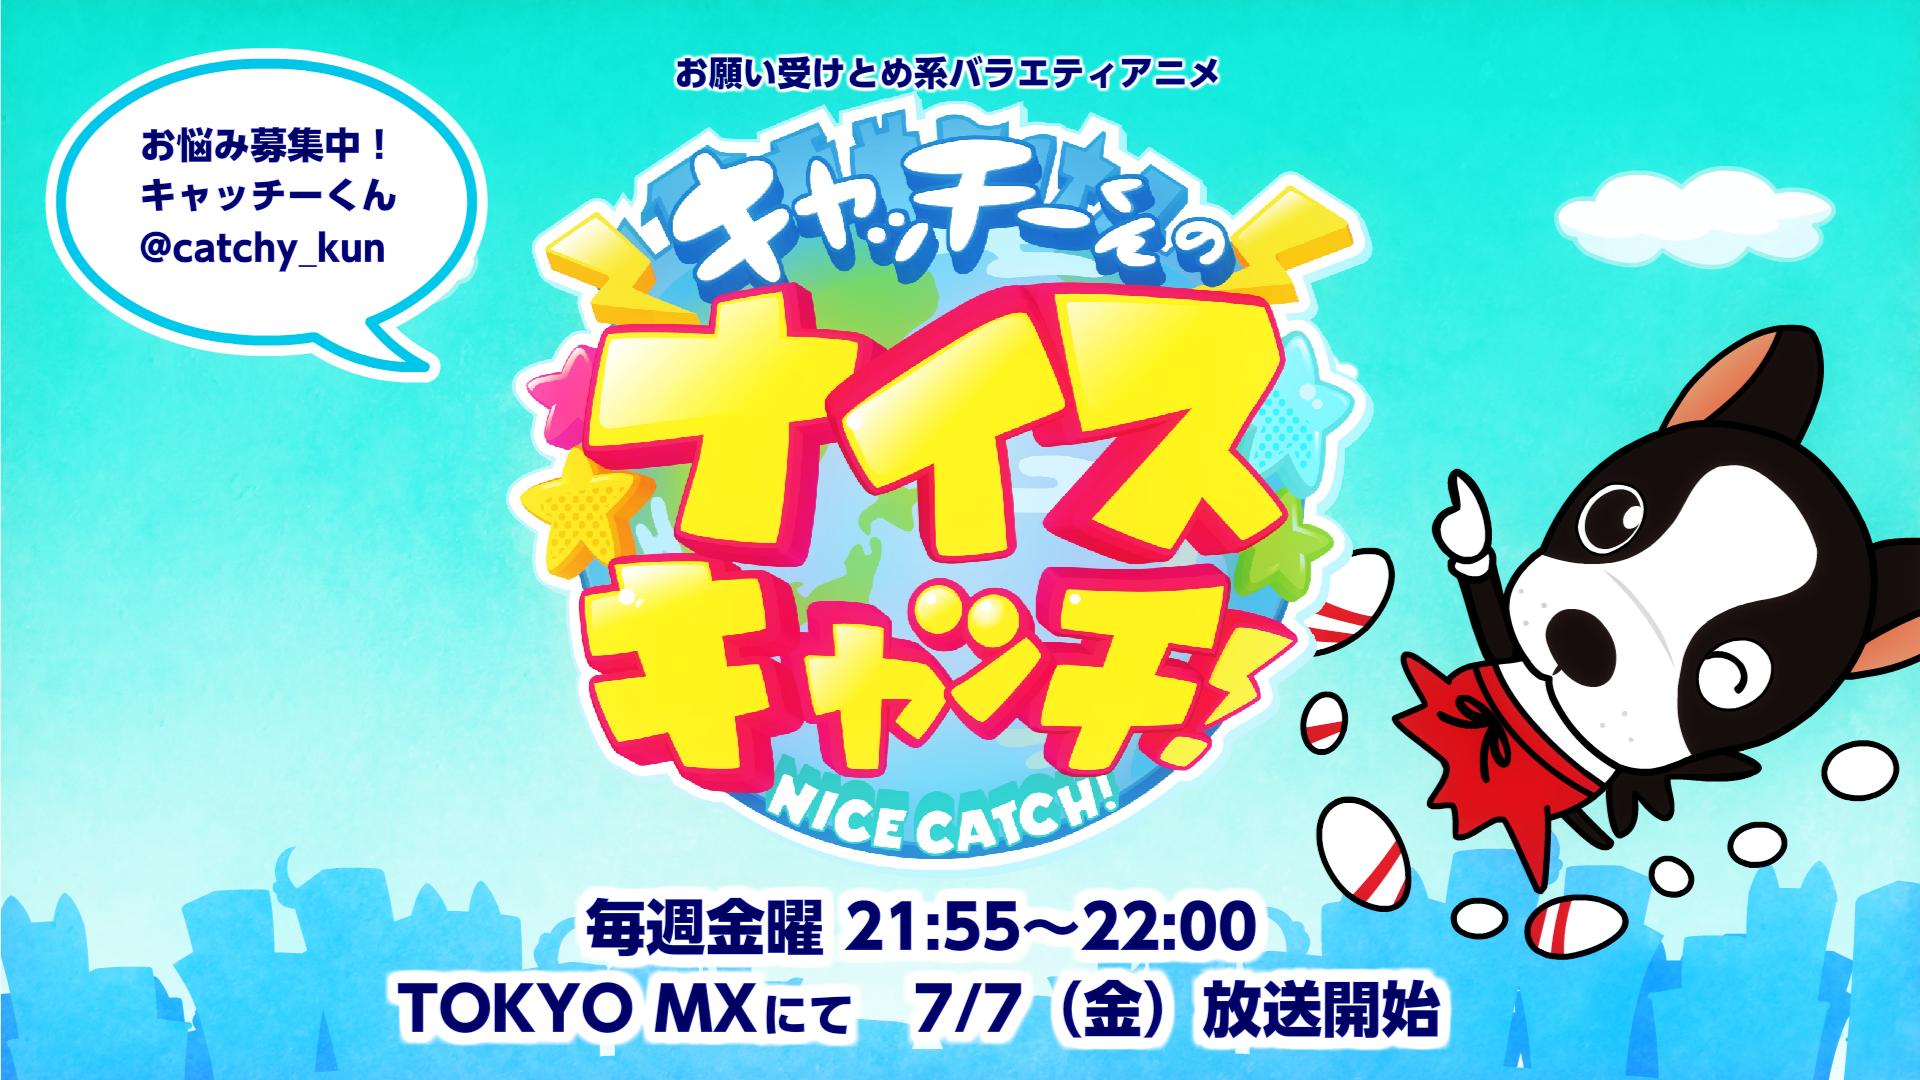 横浜FCのPR大使「キャッチーくん」がついにアニメ化! 本日7月7日(金)21時55分よりTOKYO MXにて毎週放送決定!